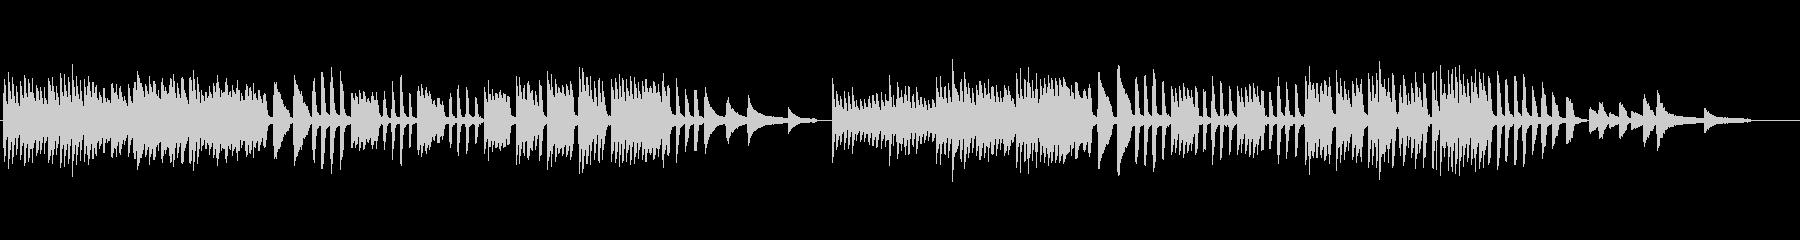 ピアノソロ、ほのぼの、キッズ向けの未再生の波形